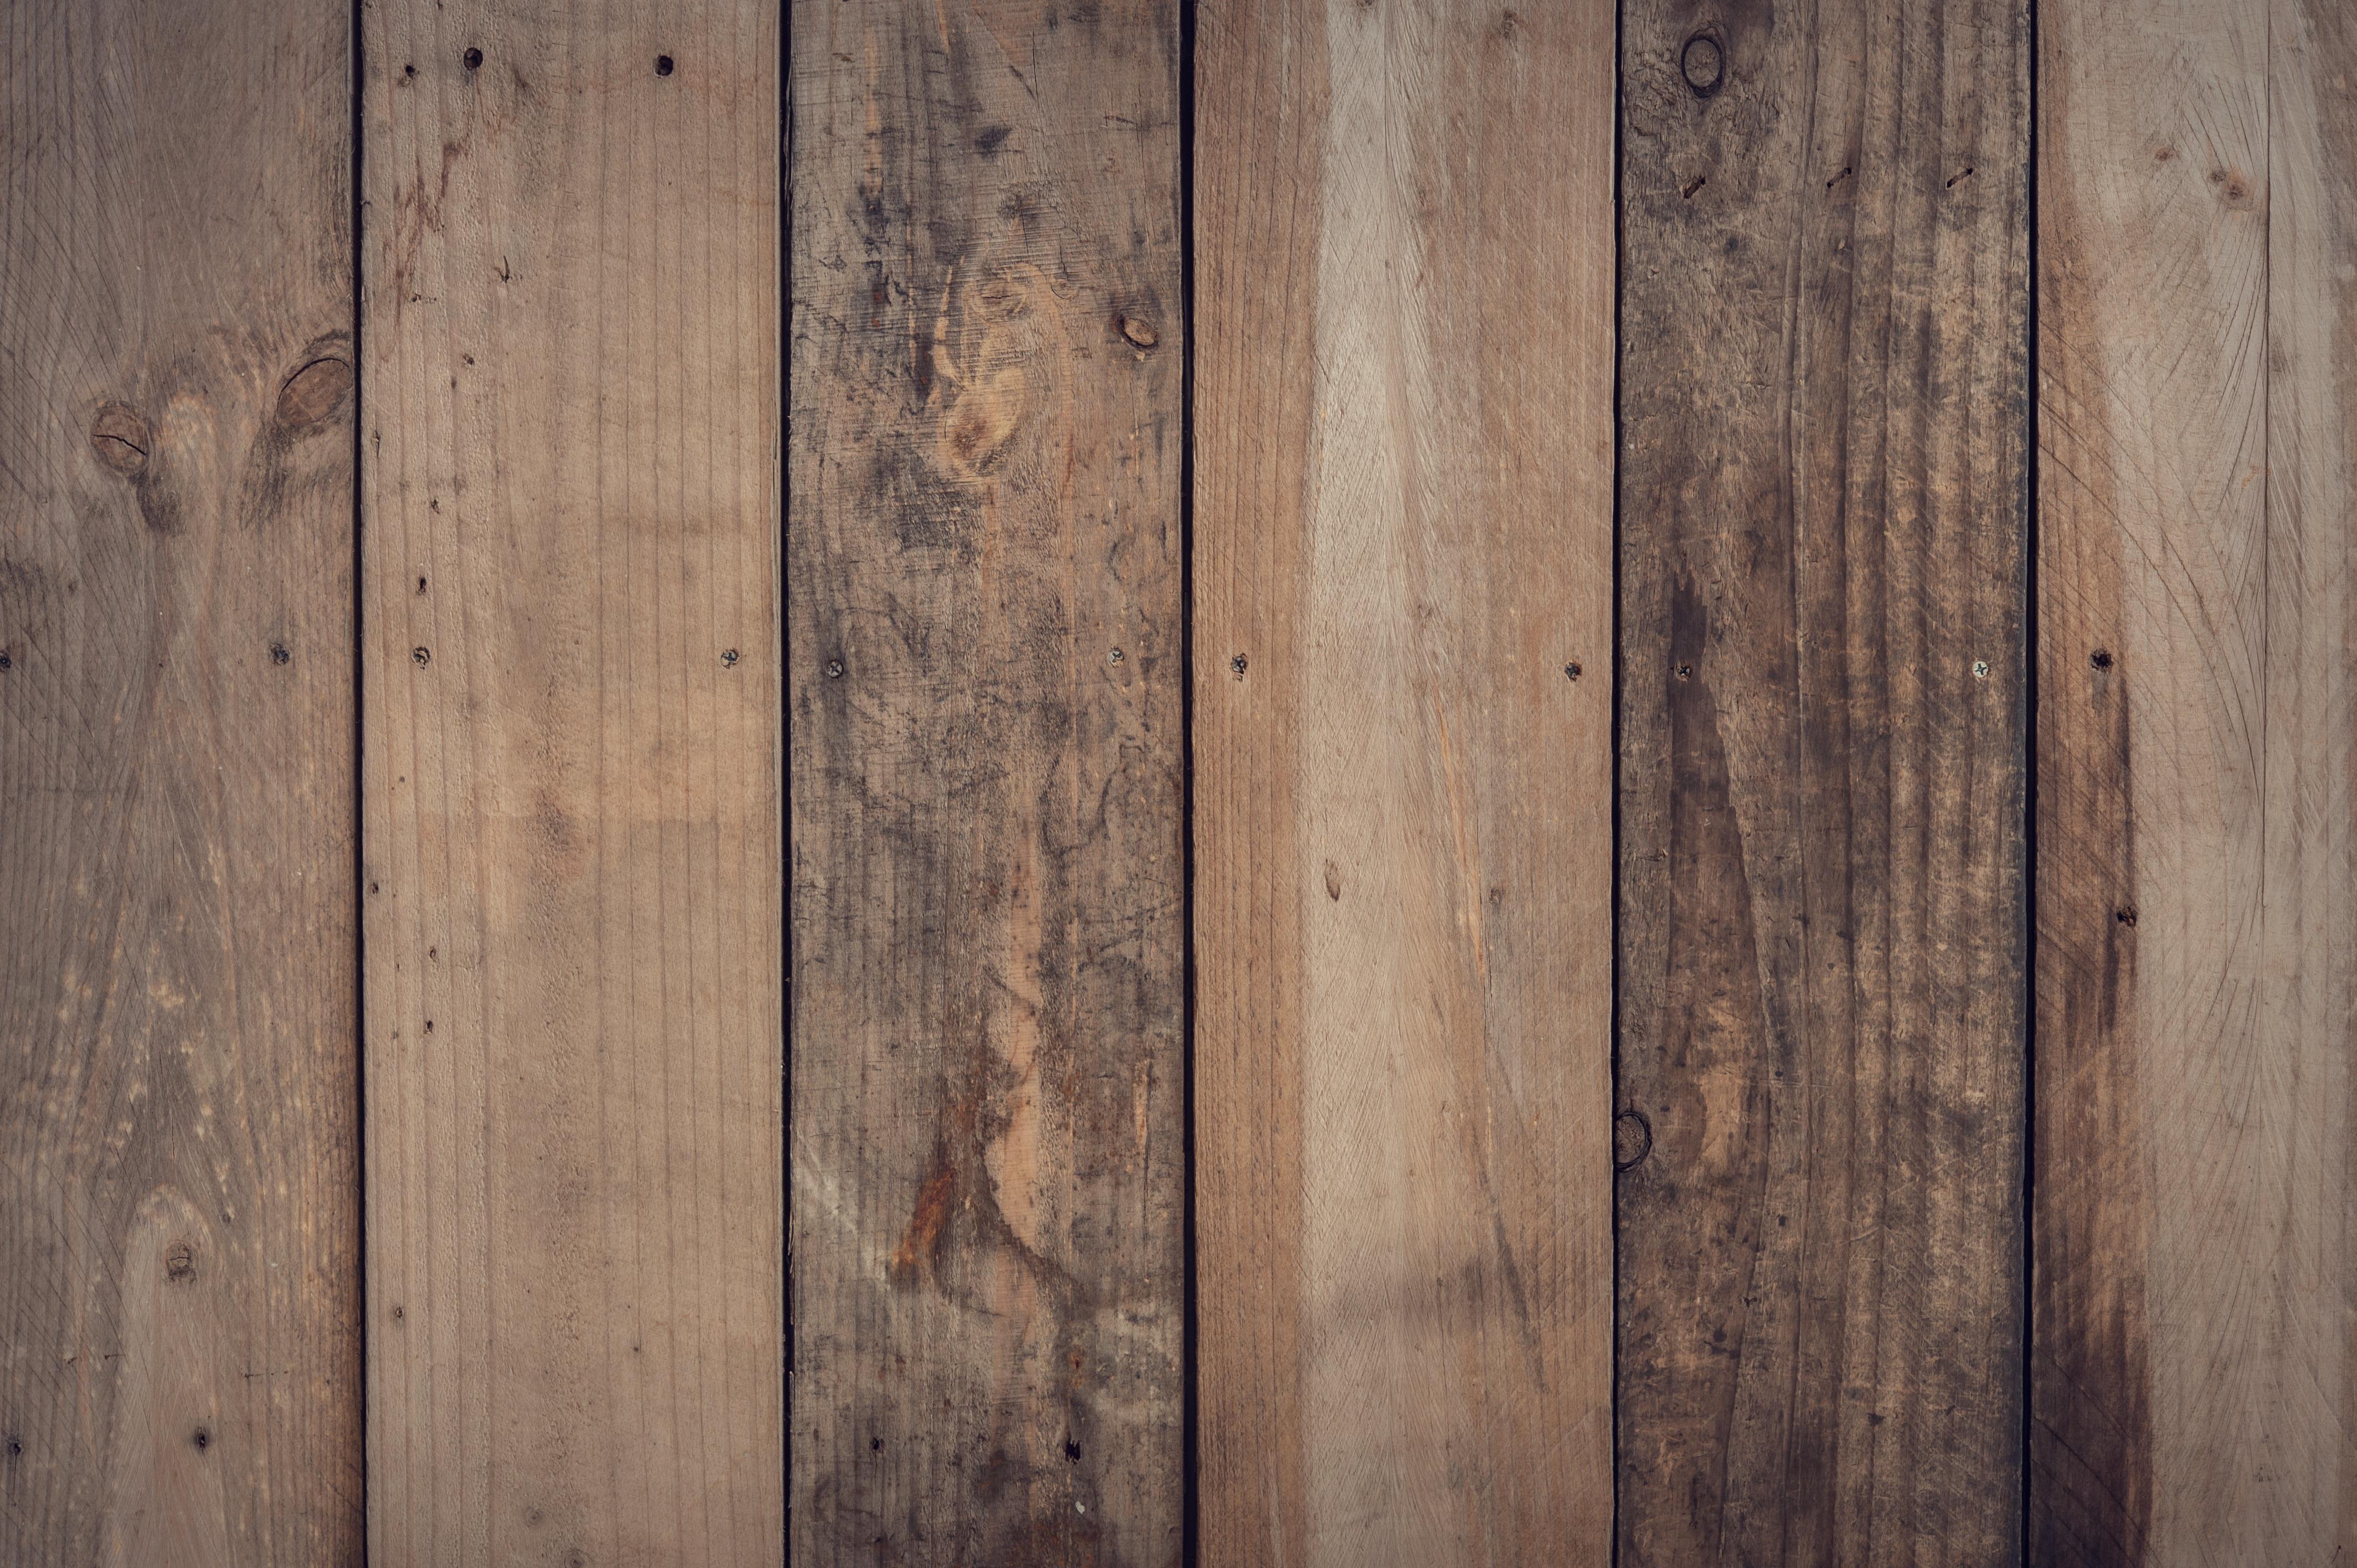 Huis Donker Hout : Gratis afbeeldingen natuur abstract boord hout antiek graan